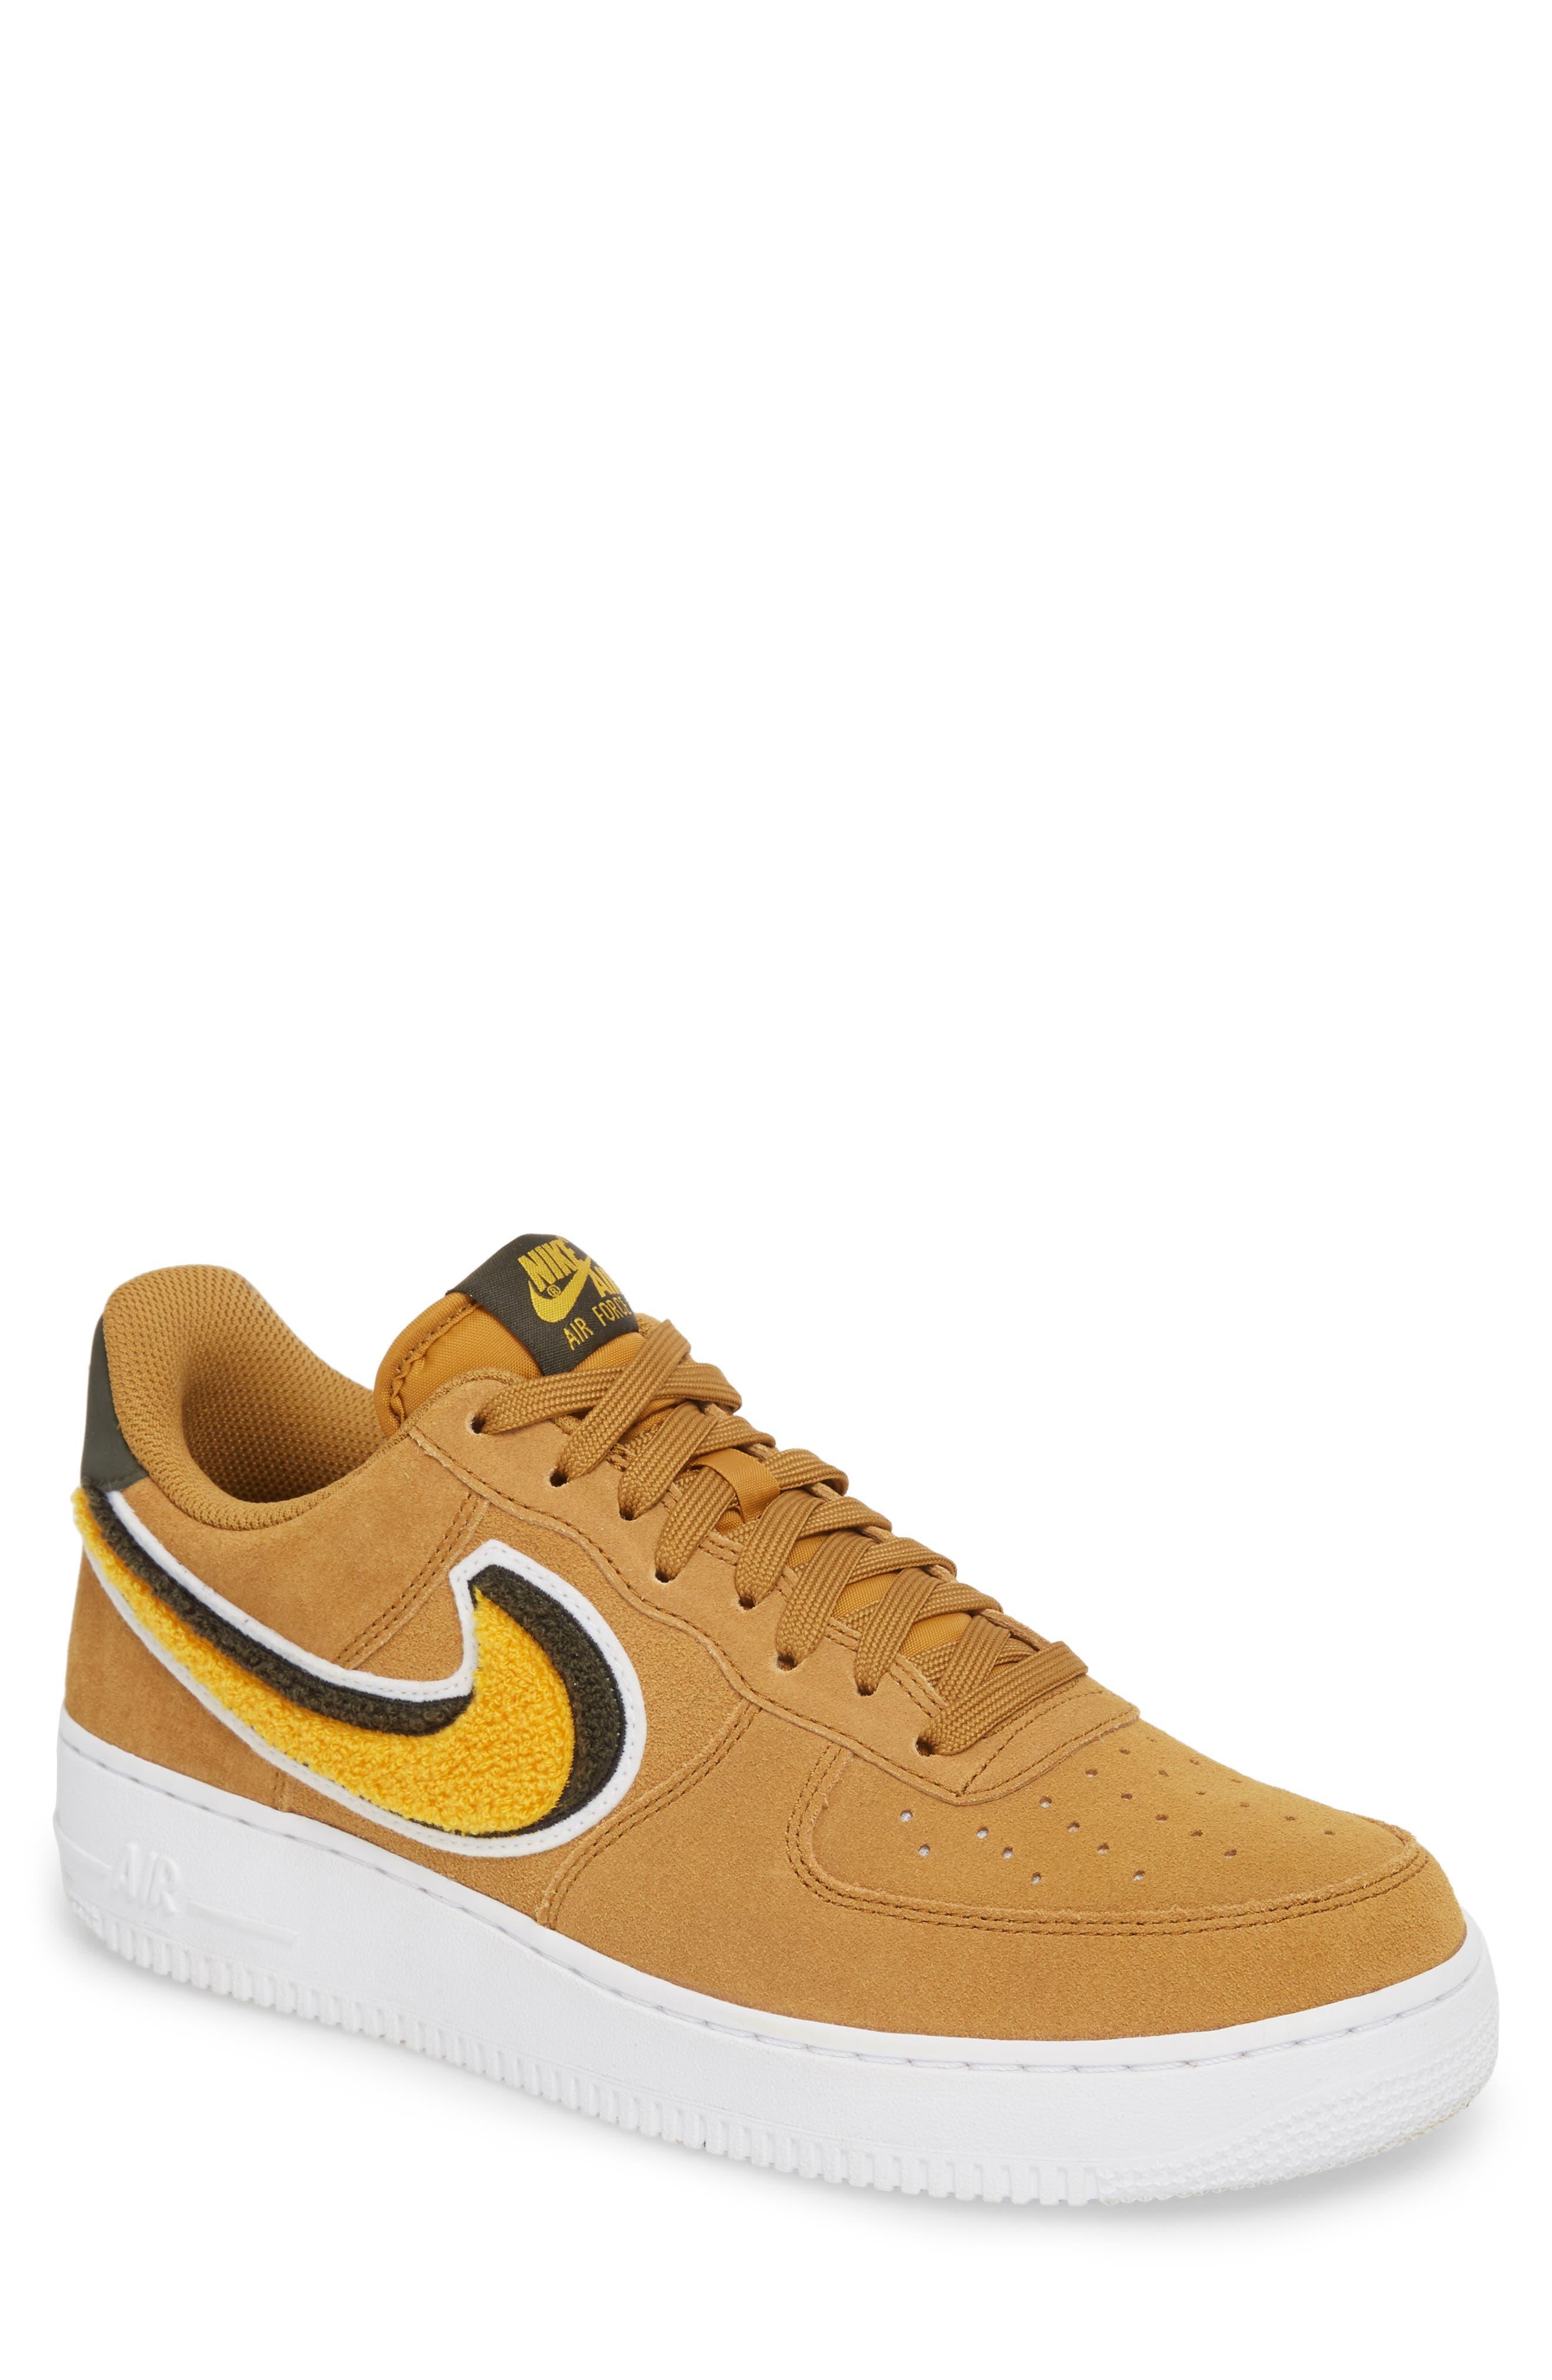 Nike Air Force 1 \u002707 LV8 Sneaker (Men)